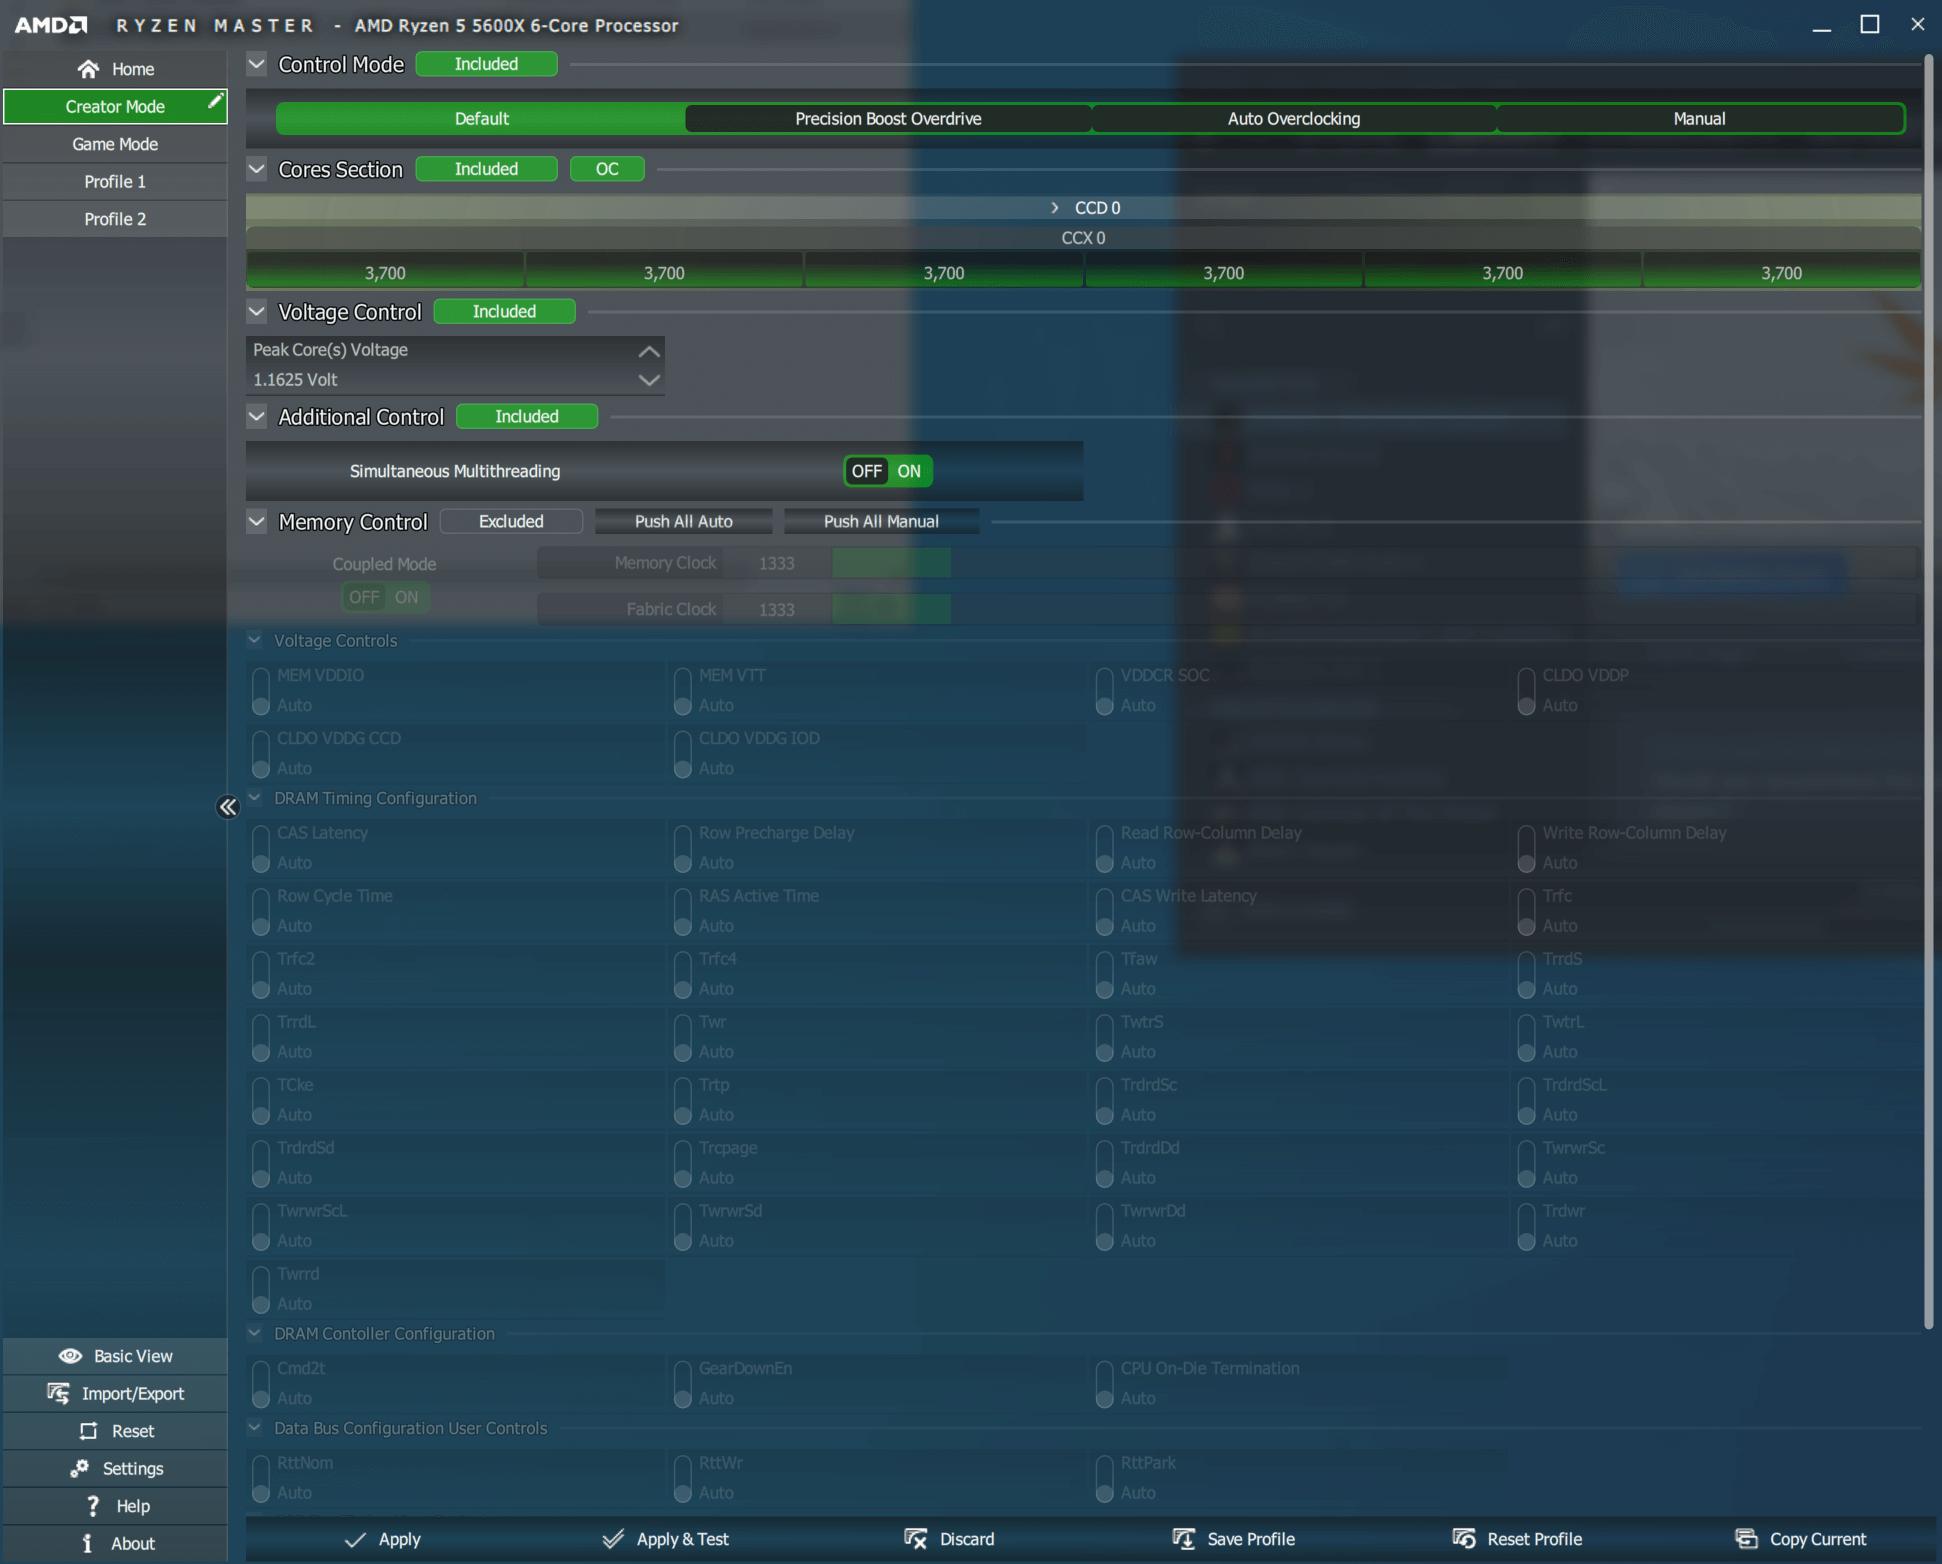 AMD RYZEN MASTER 10 26 2020 12 16 55 AM